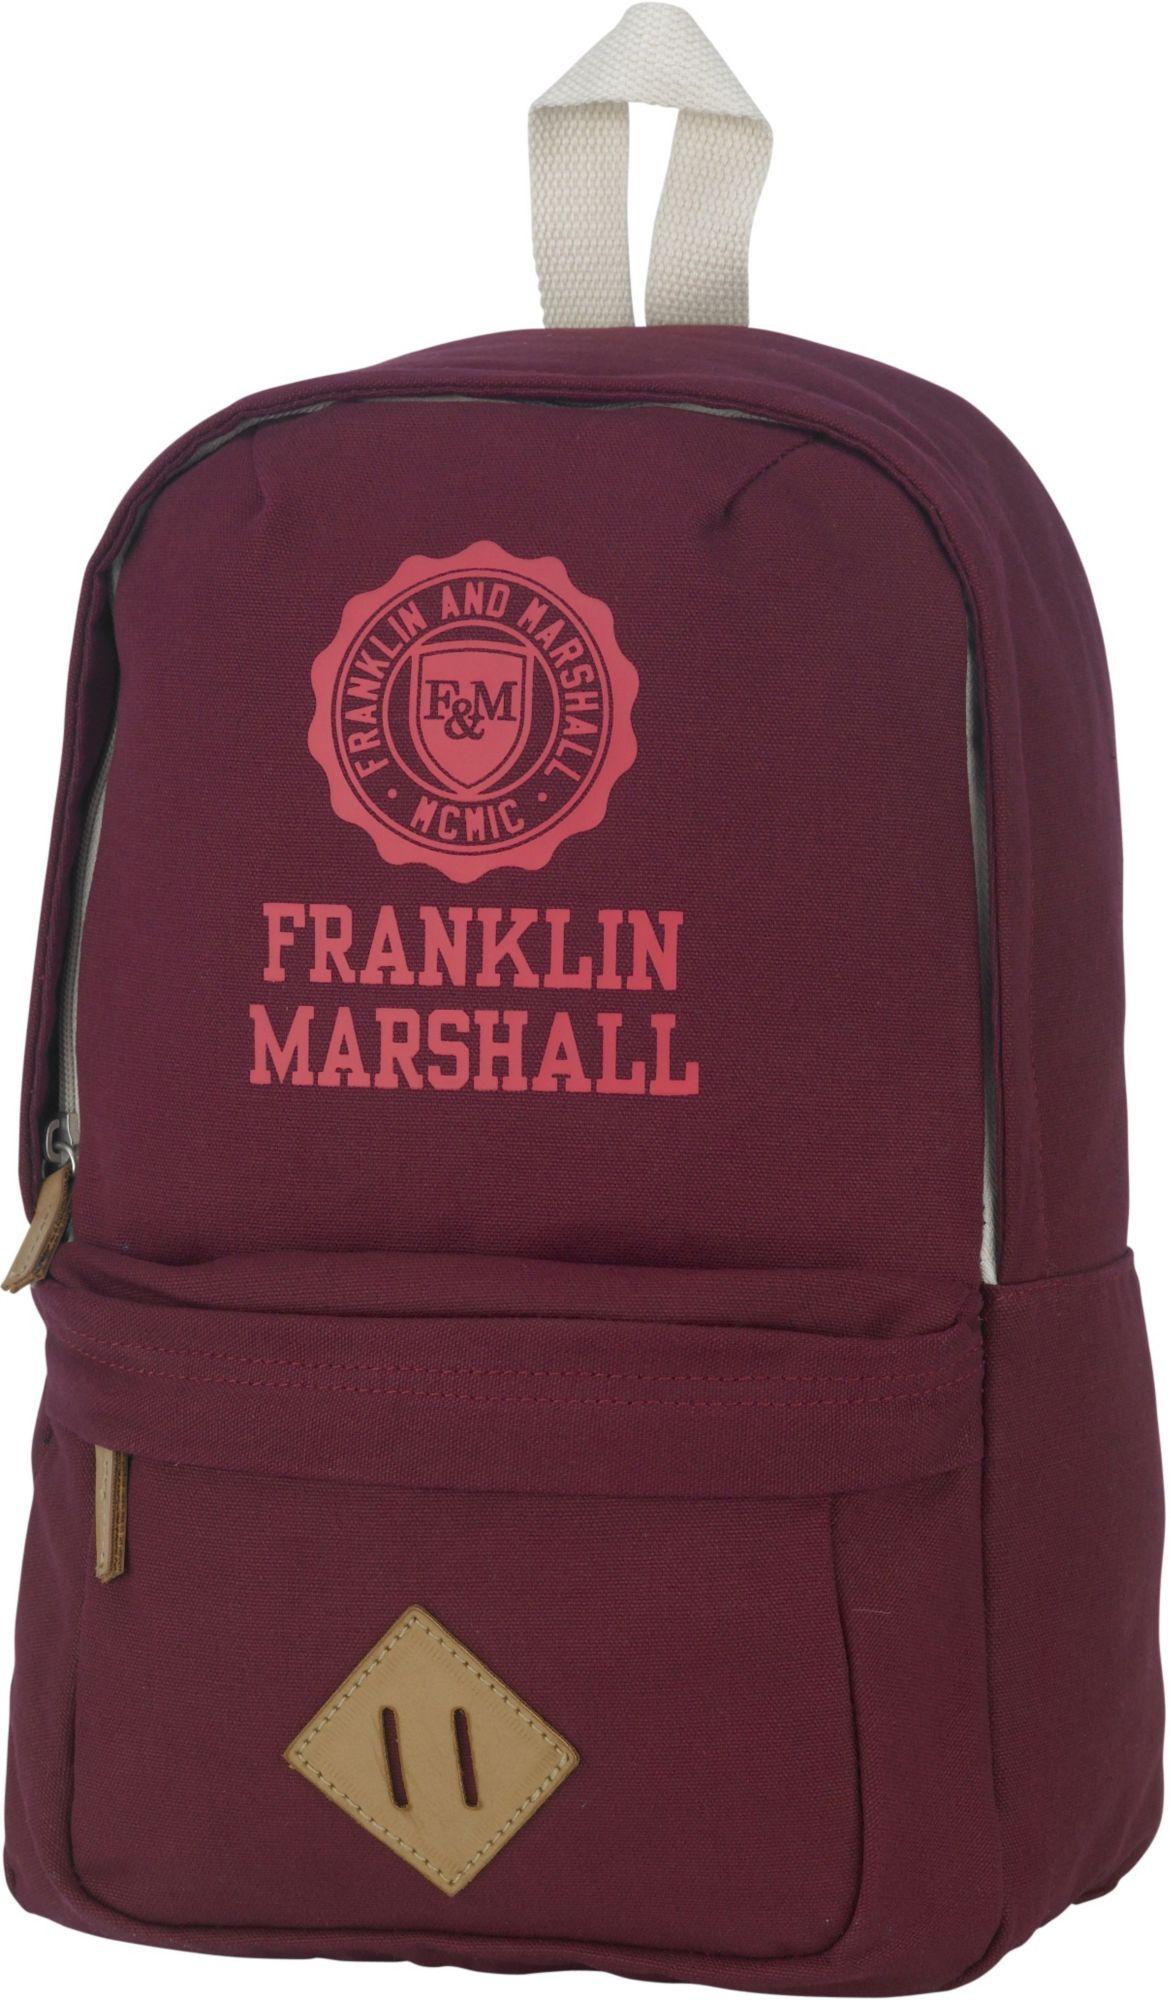 FRANKLIN MARSHALL Franklin & Marshall, Rucksack, »Girls Backpack, bordeaux rot«